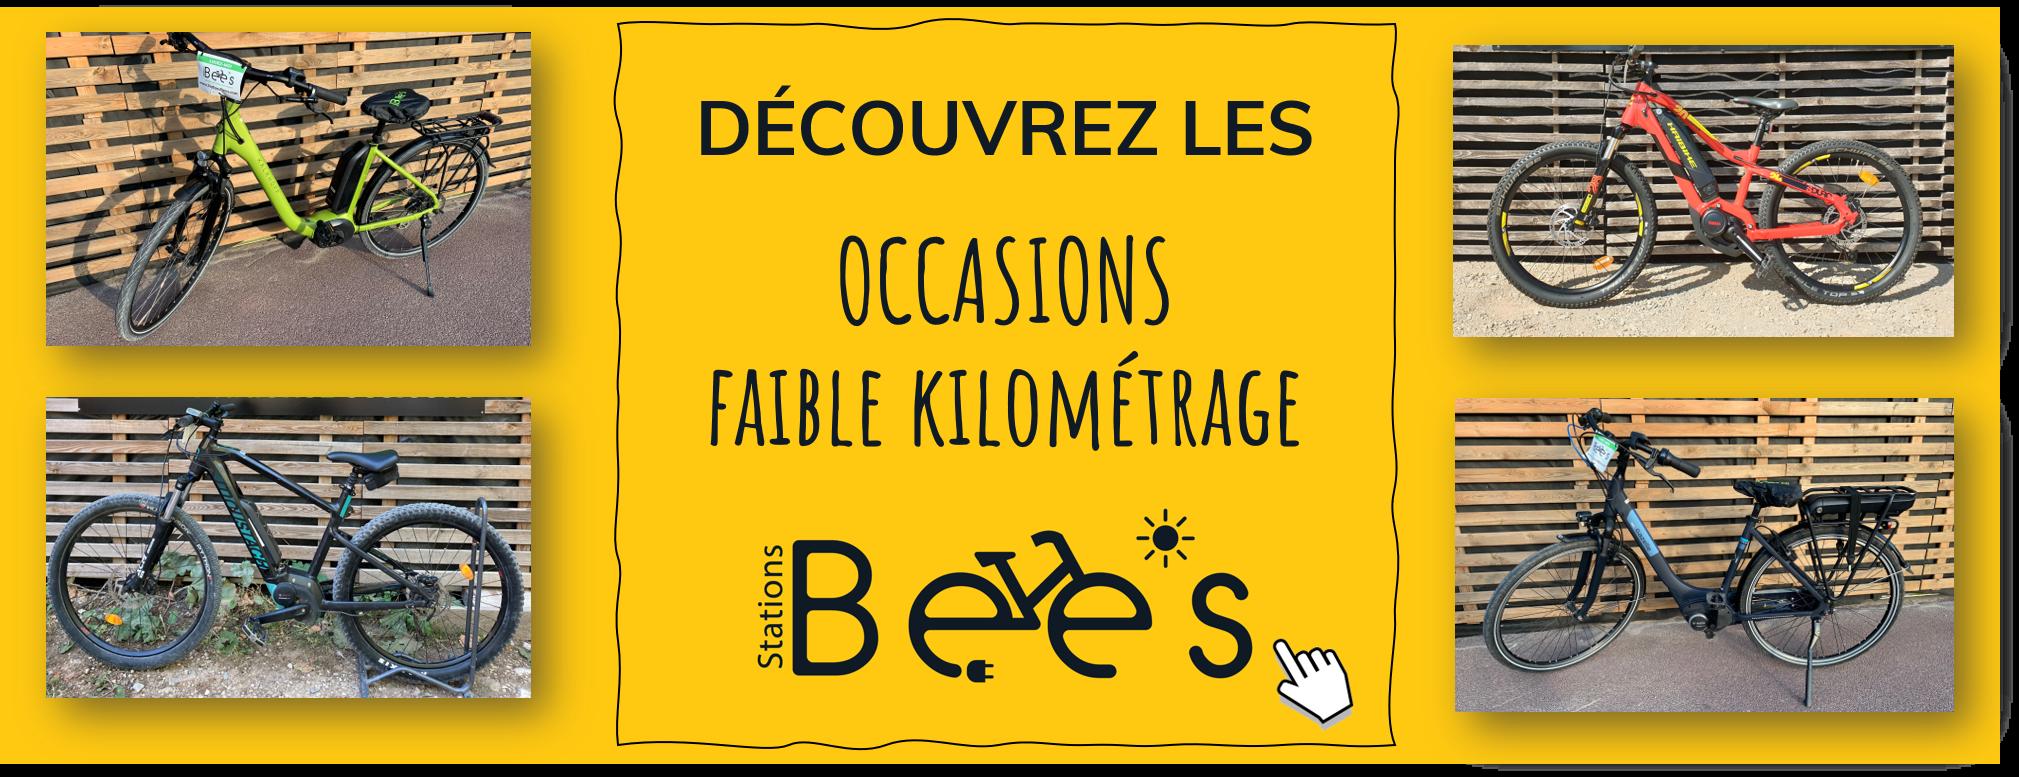 Les vélos électriques occasion faibles kilométrages du réseau Stations Bee's